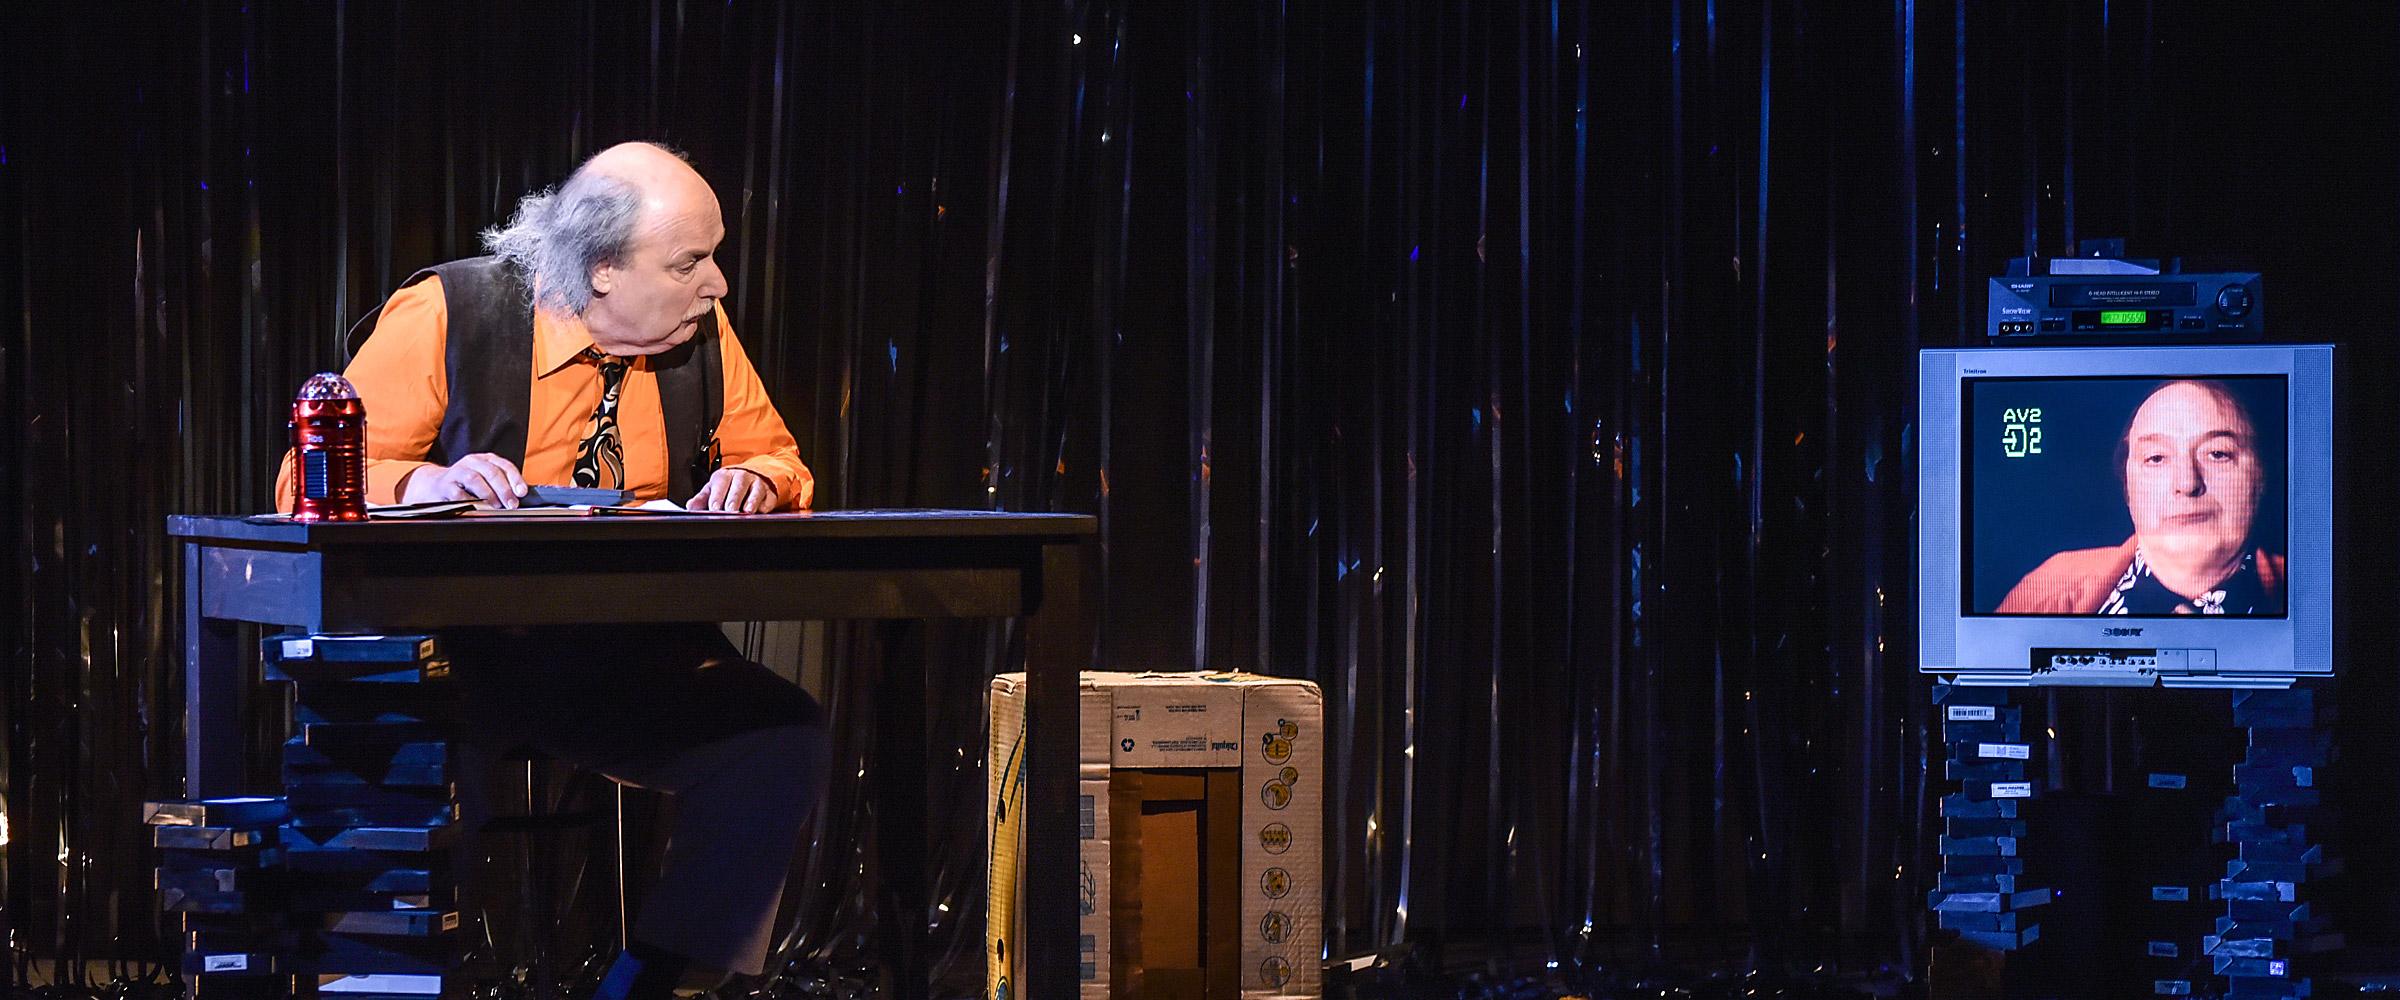 Das letzte Band - Markus Dentler - Theater Die Komödianten Kiel